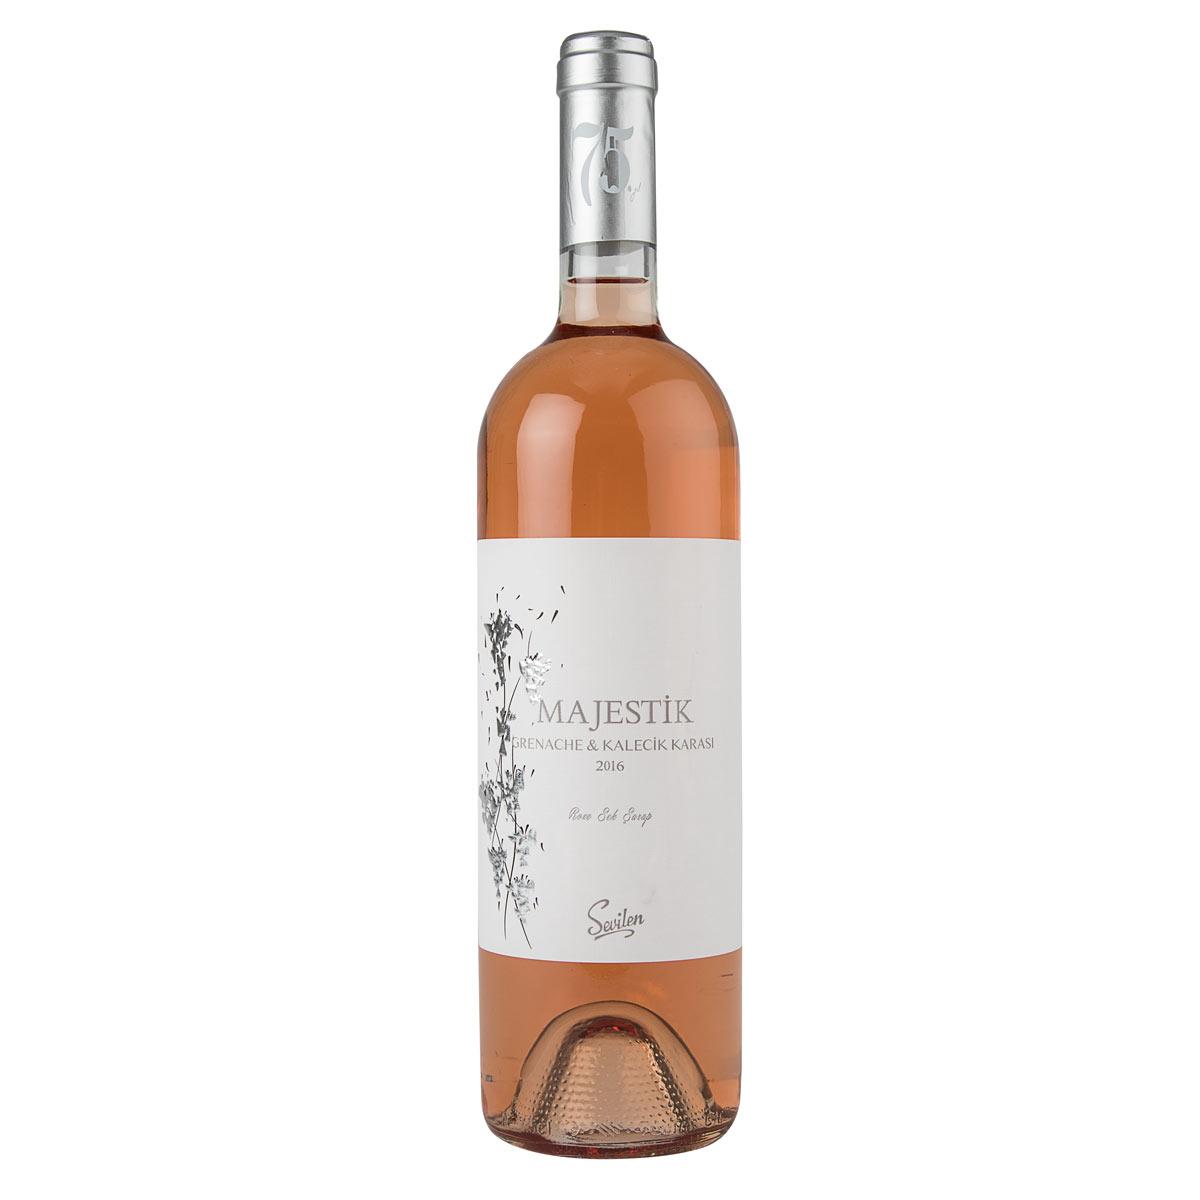 Sevilen - Majestik Rosé - Grenache-Kalecik Karası